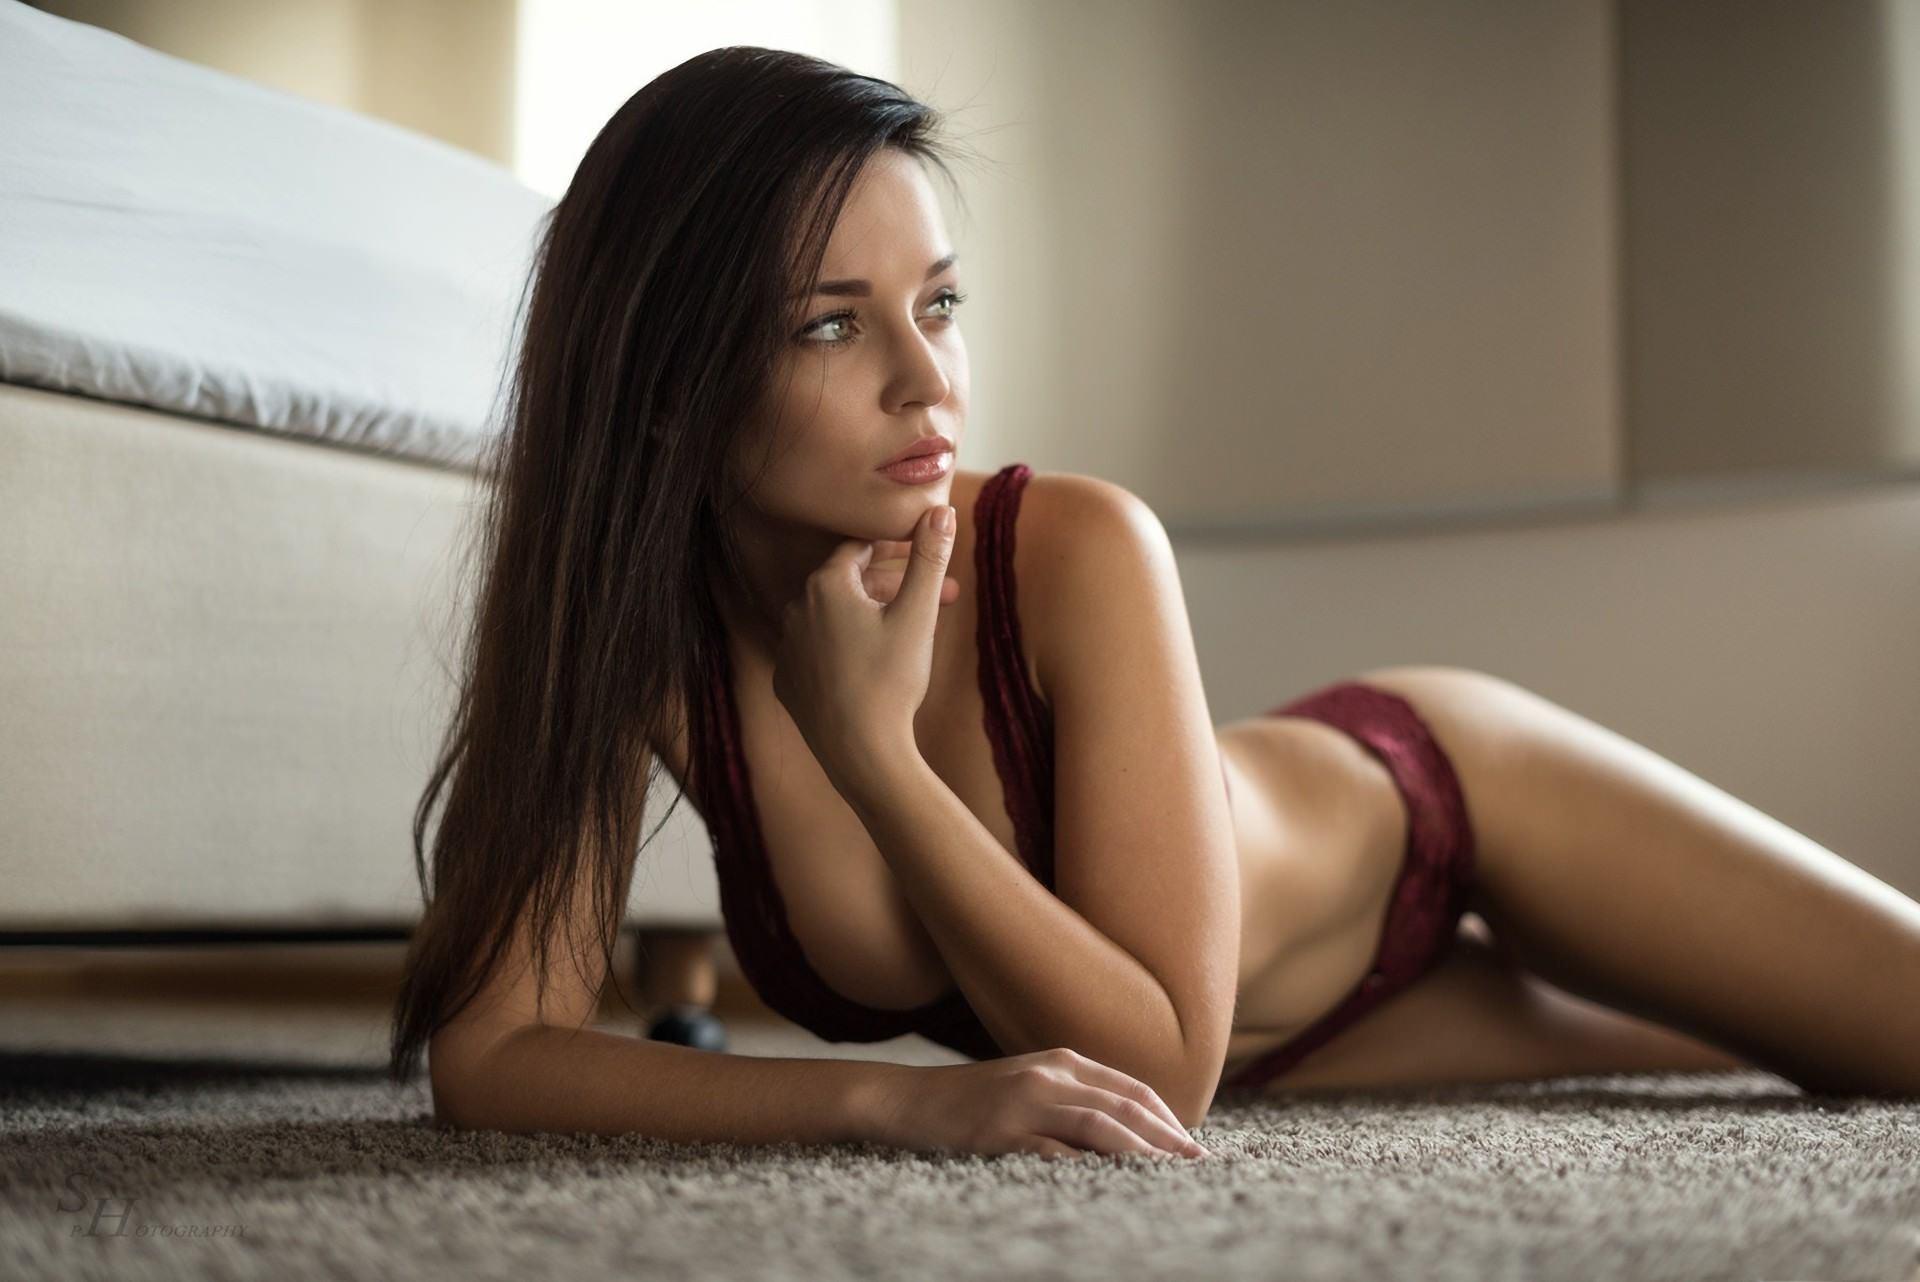 Фото Красивая девушка в бордовом нижнем белье лежит на ковре, отведя взгляд в сторону, сексуальная брюнетка на полу, отличная фигура, скачать картинку бесплатно